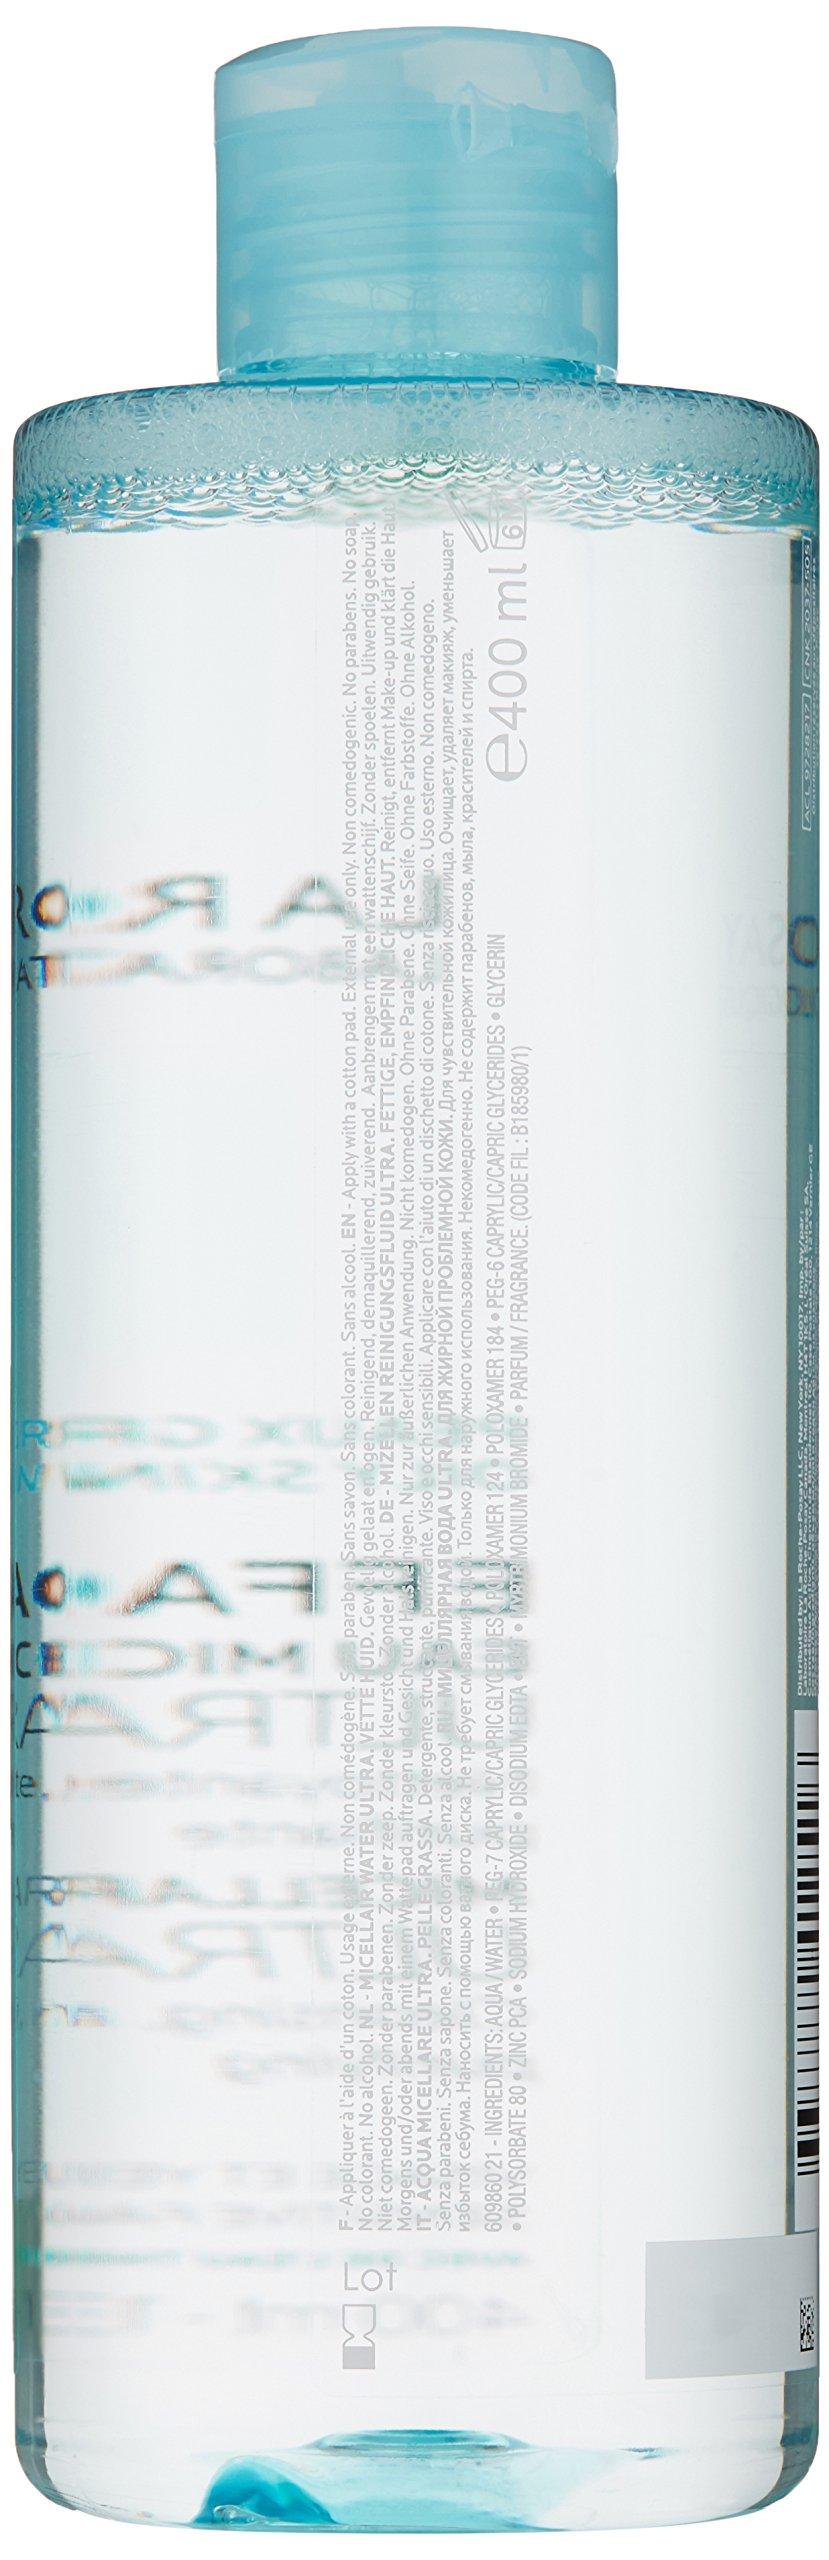 La Roche Posay, Aceite corporal – 400 ml.